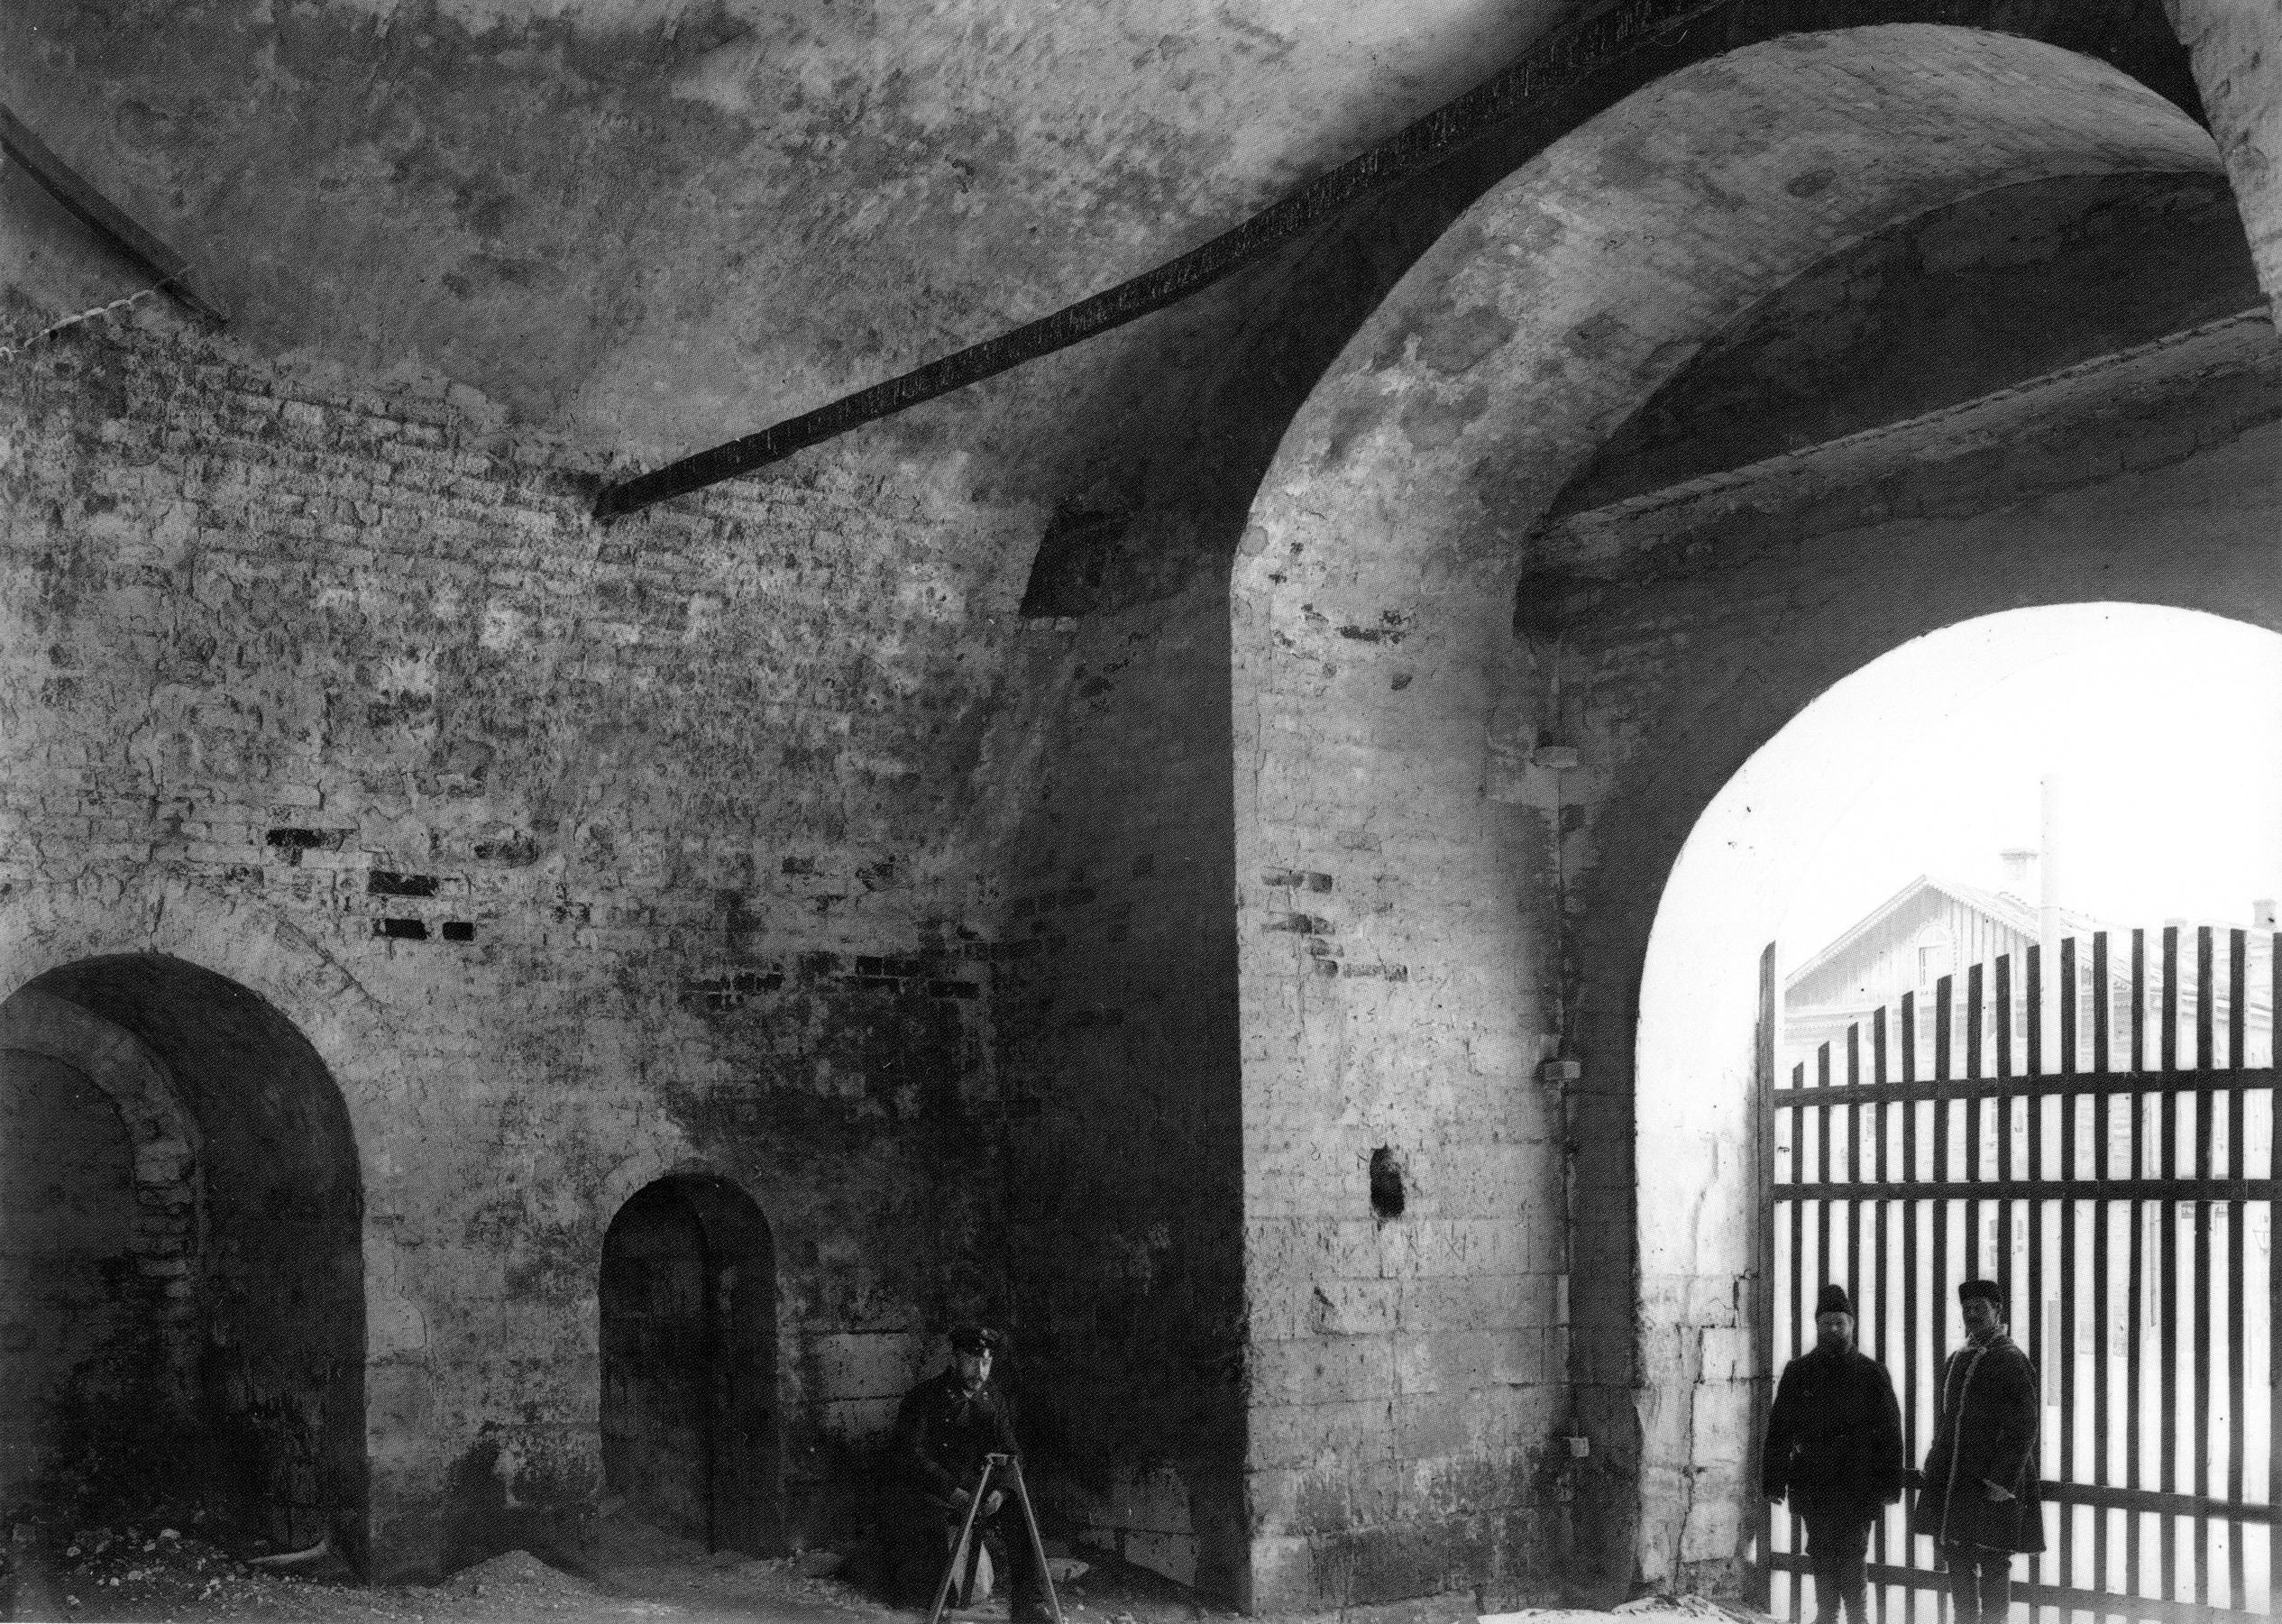 Внутри Никольской башни. Нижний ярус. 1903